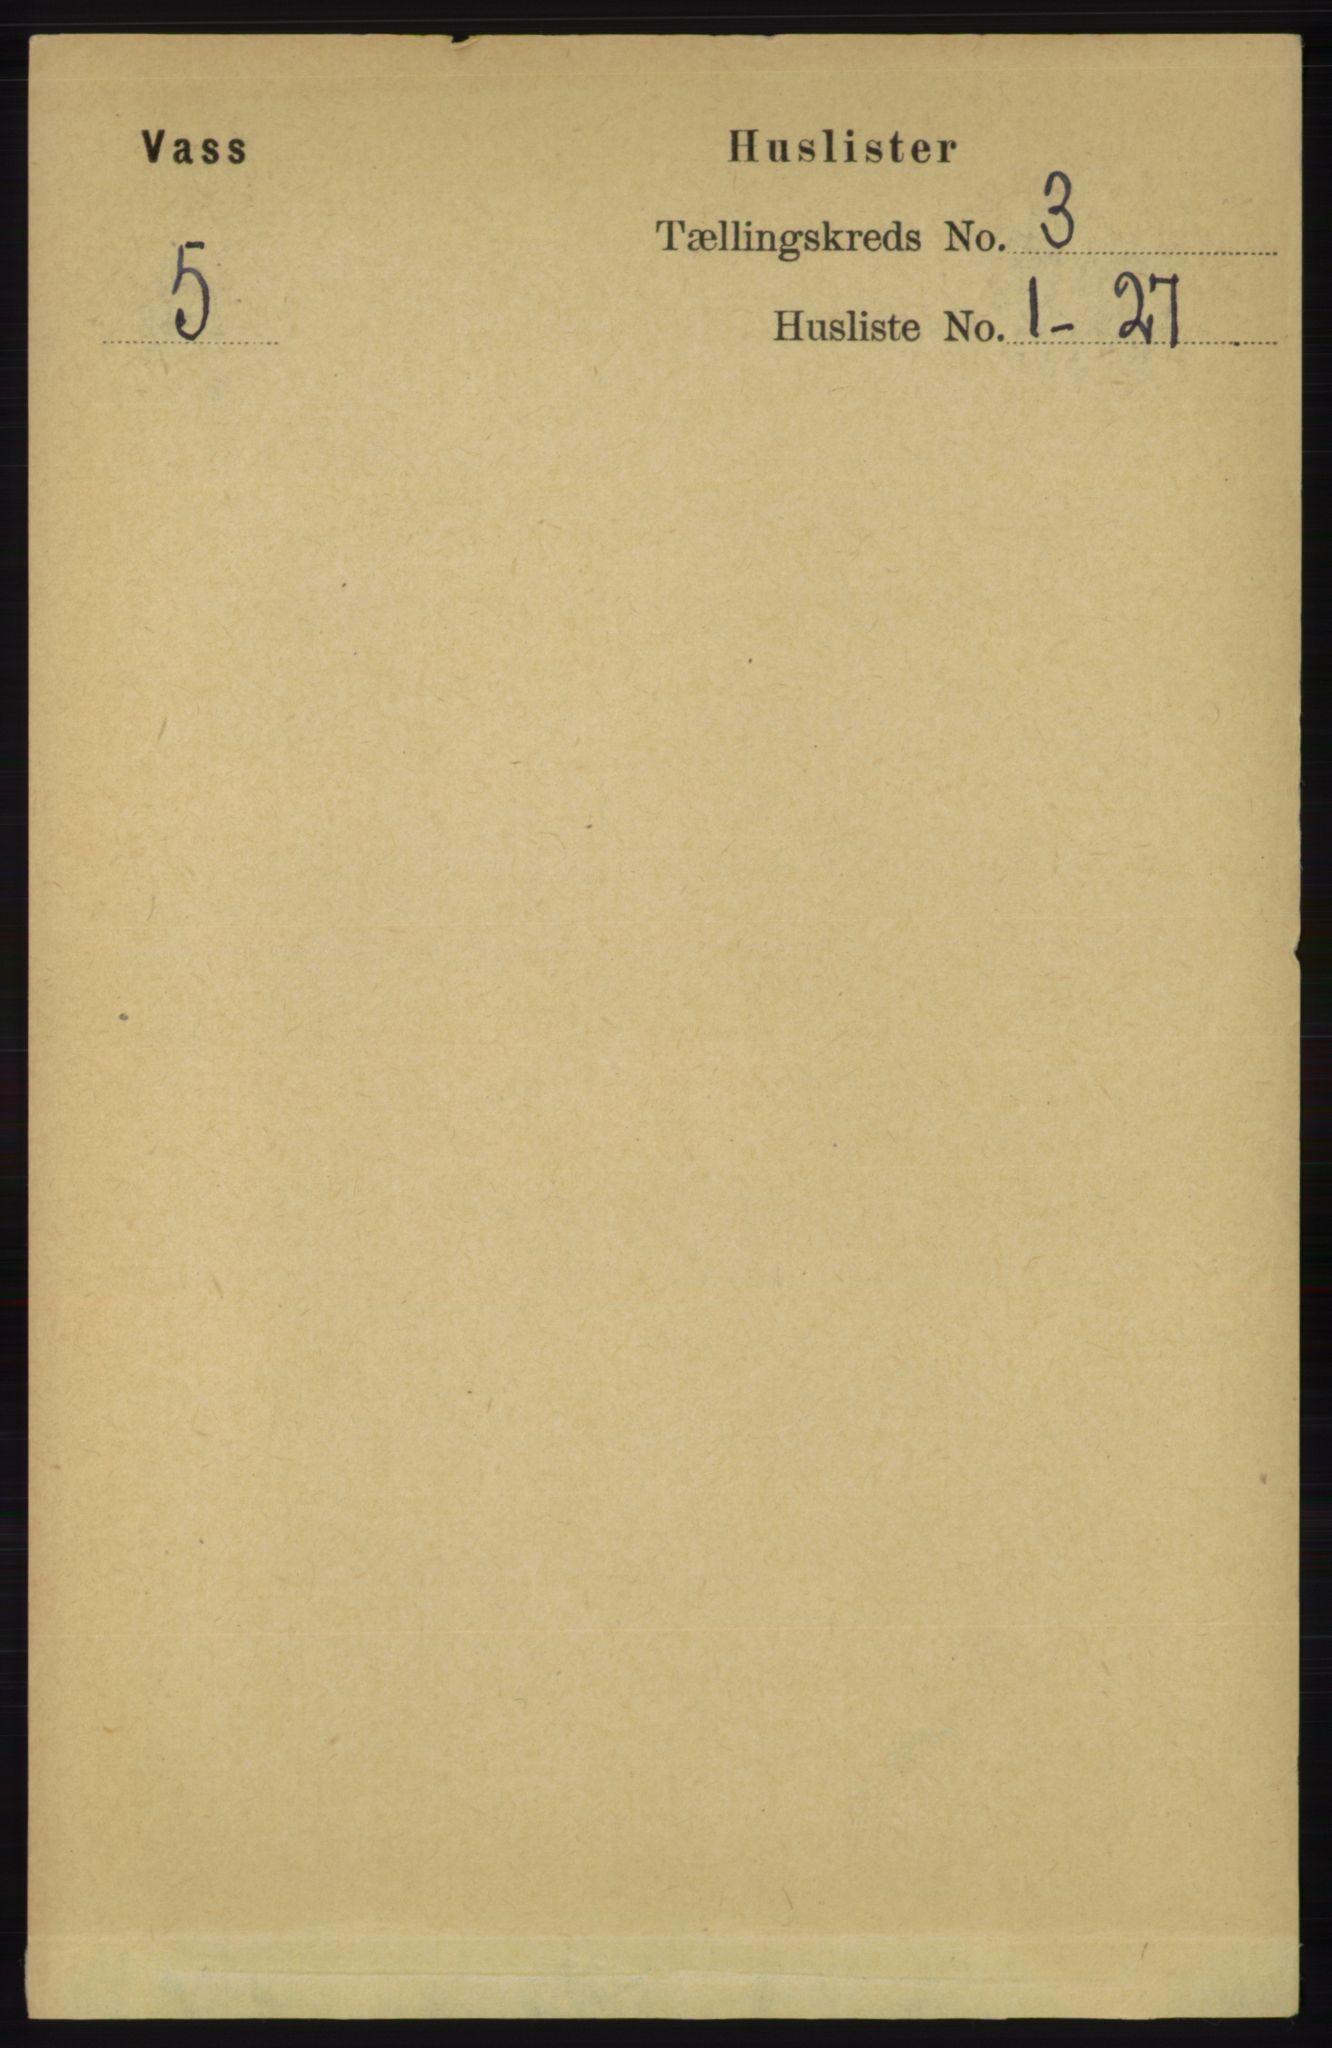 RA, Folketelling 1891 for 1155 Vats herred, 1891, s. 419